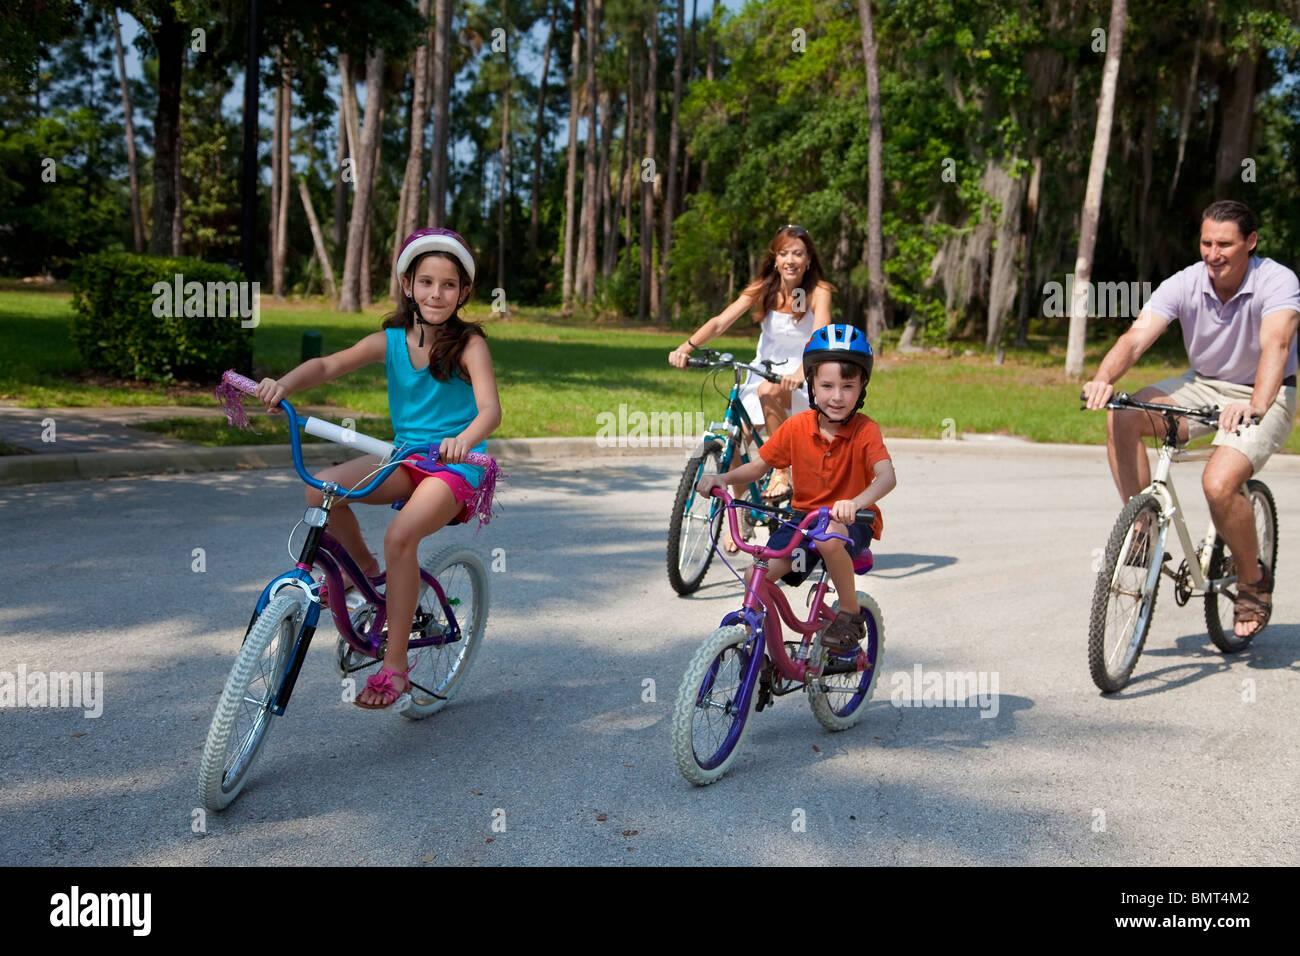 Eine moderne Familie von zwei Eltern und zwei Kinder, ein Junge und ein Mädchen, Radfahren zusammen. Stockbild